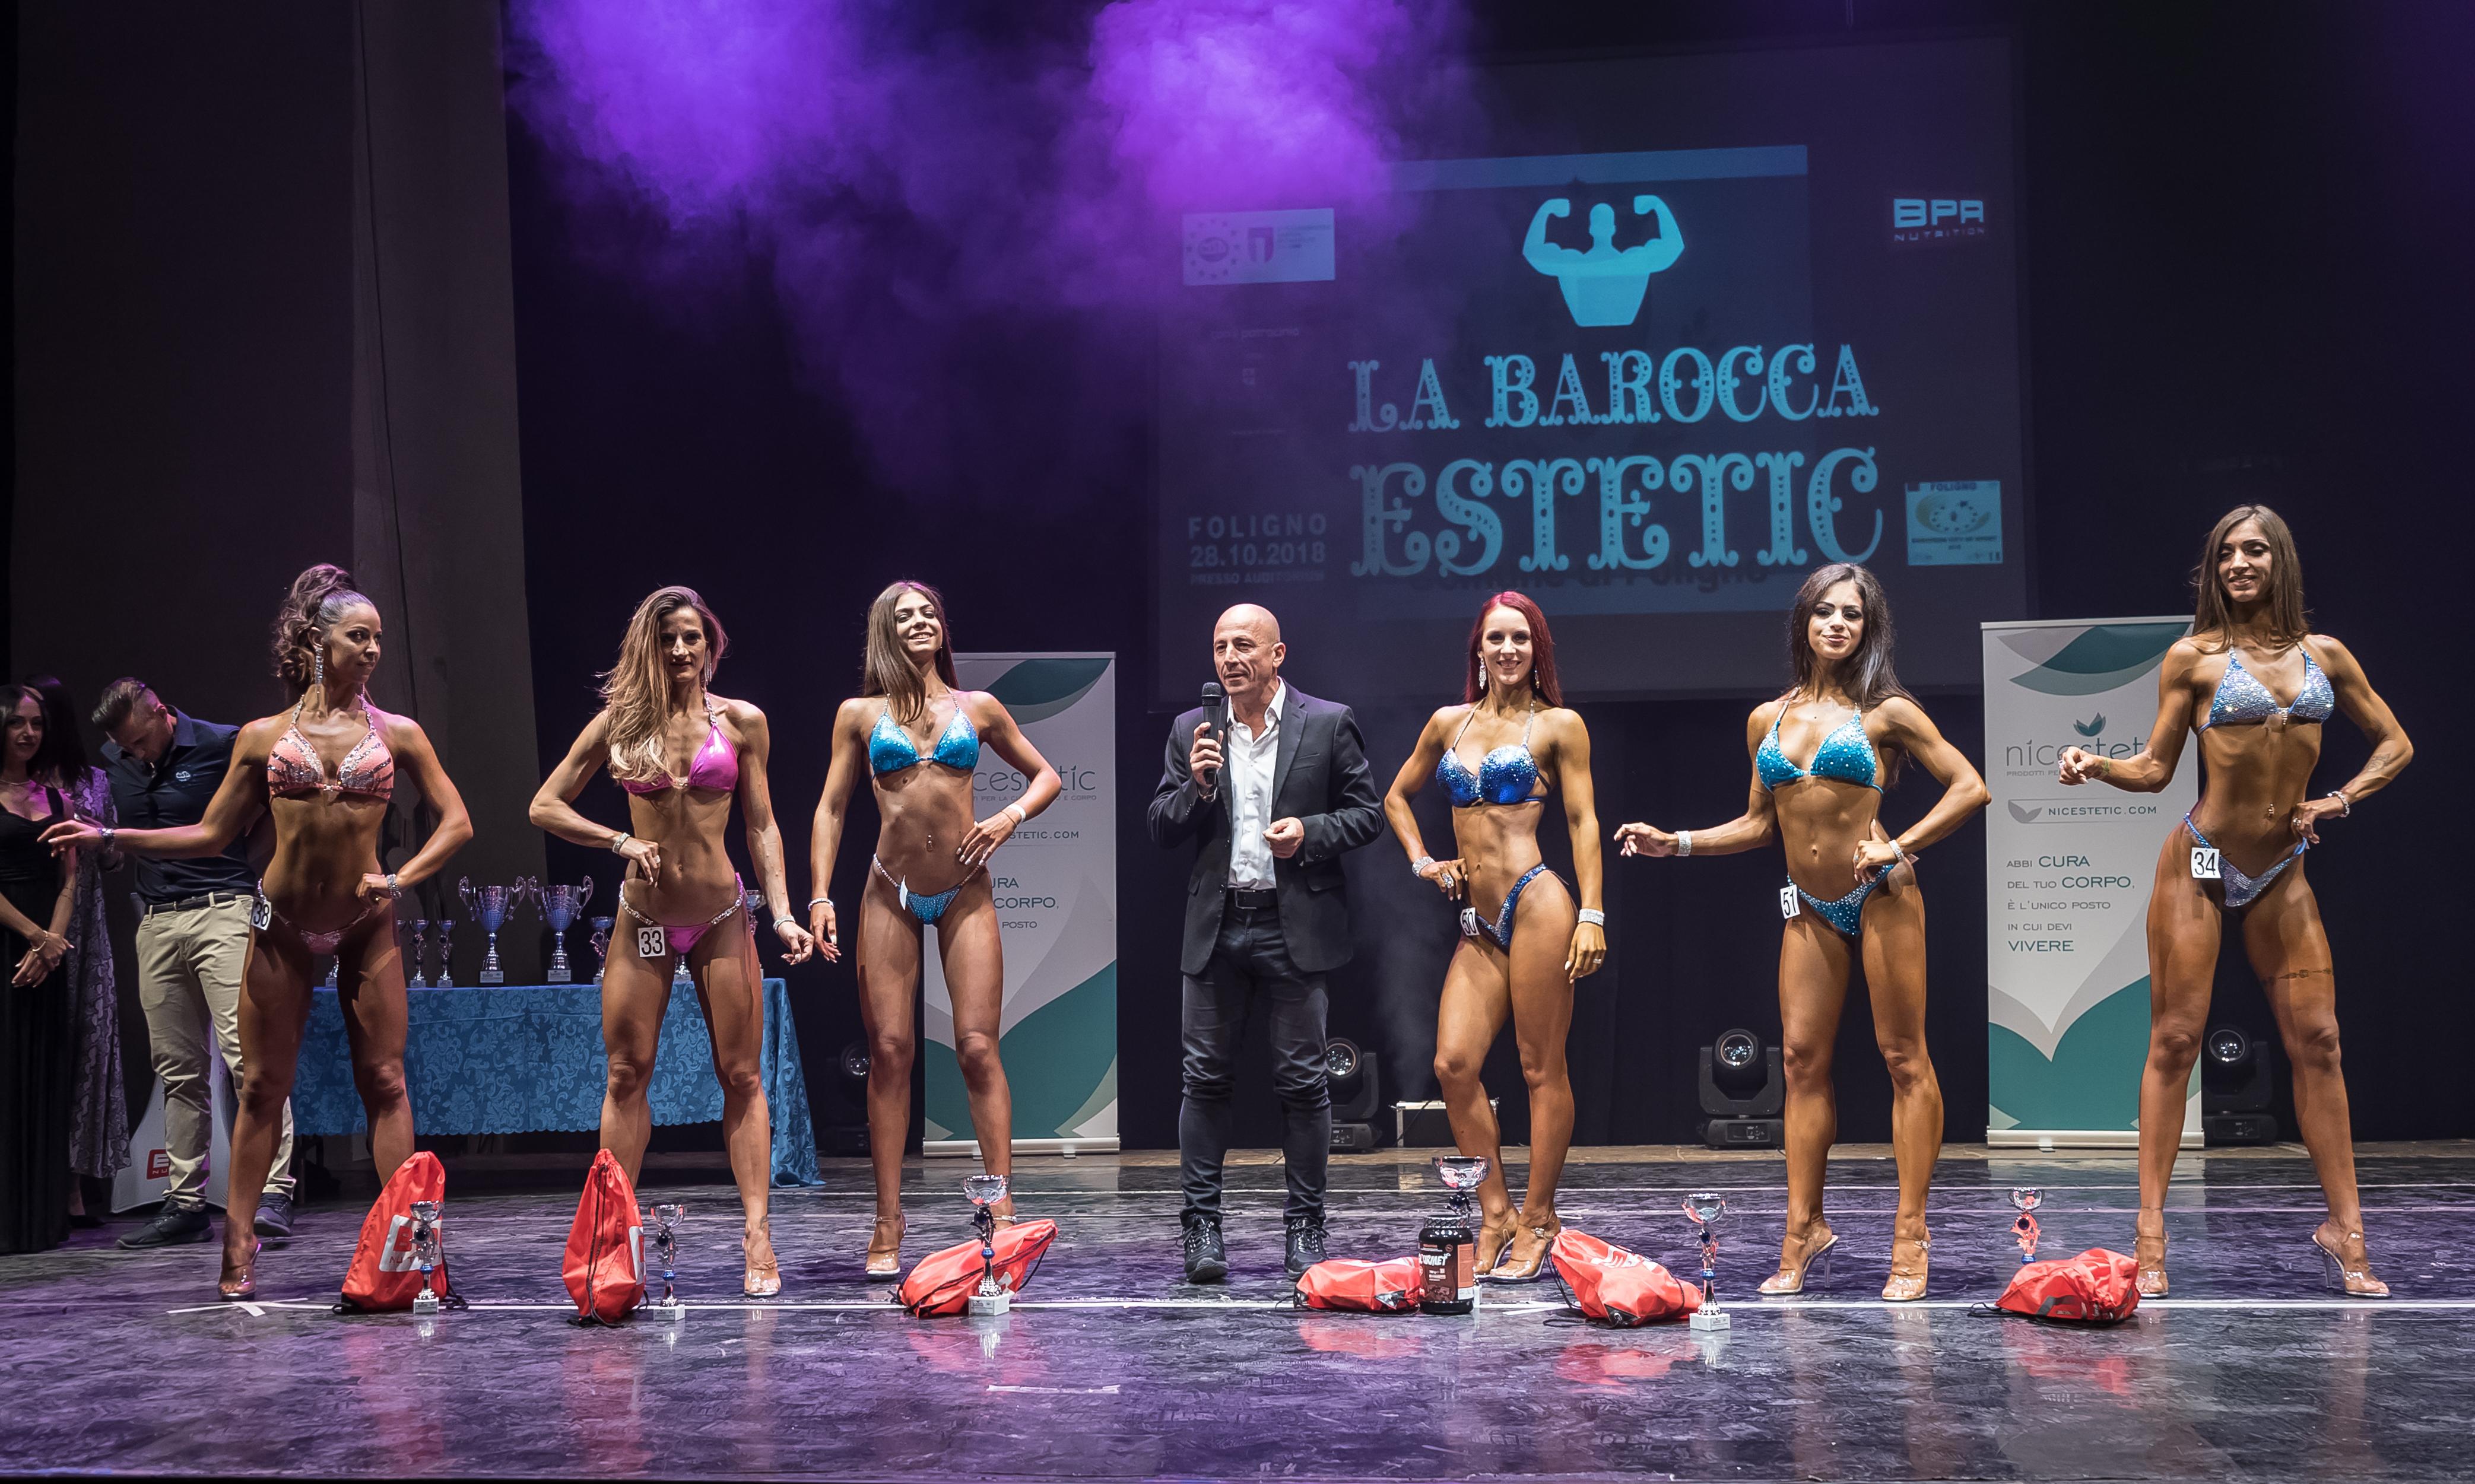 La Barocca Estetic 2018 - finale femminile